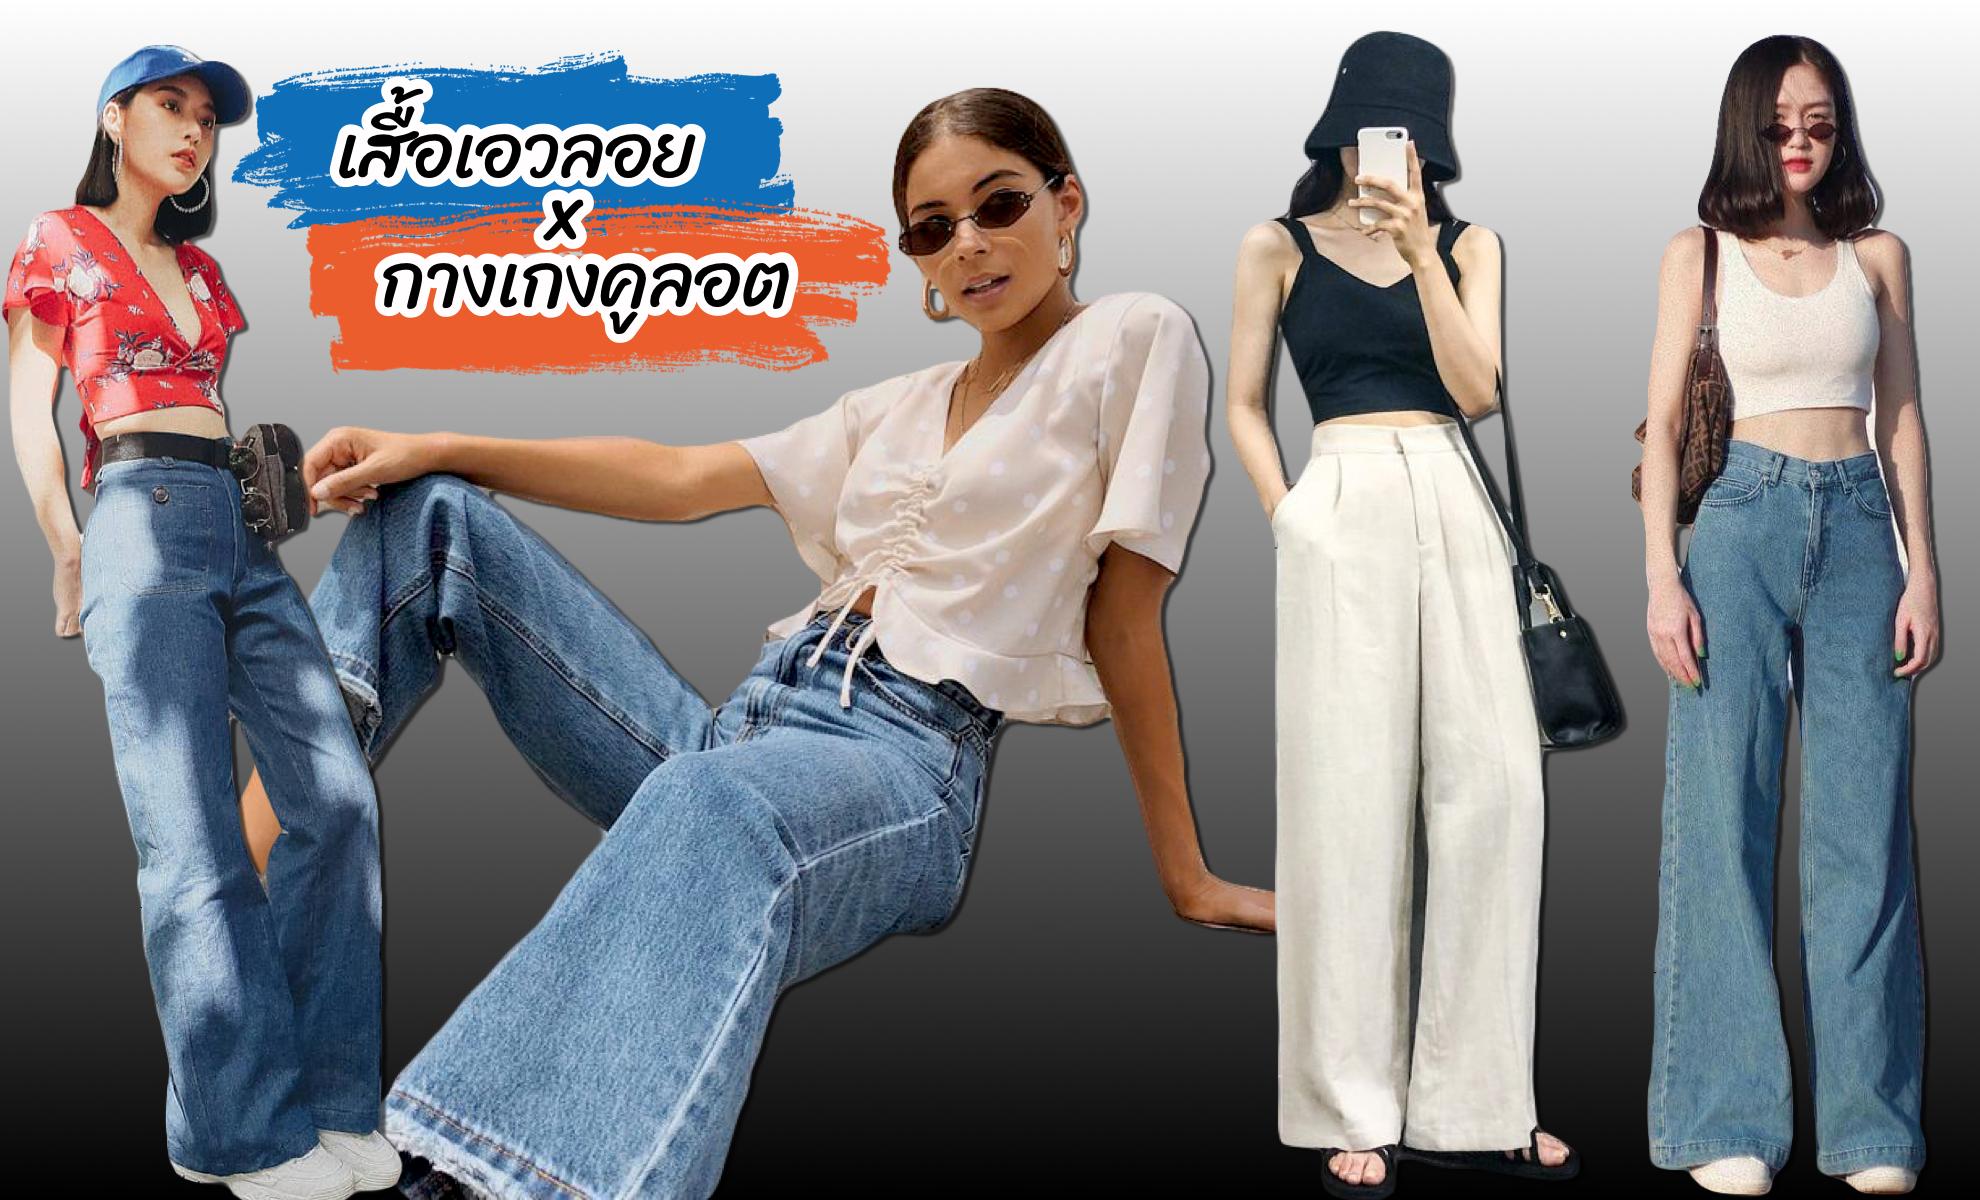 ยุคนี้มันยุคของ 'เสื้อเอวลอยแฟชั่น x กางเกงคูลอต' จับคู่กันแล้วเกิดทุกที!